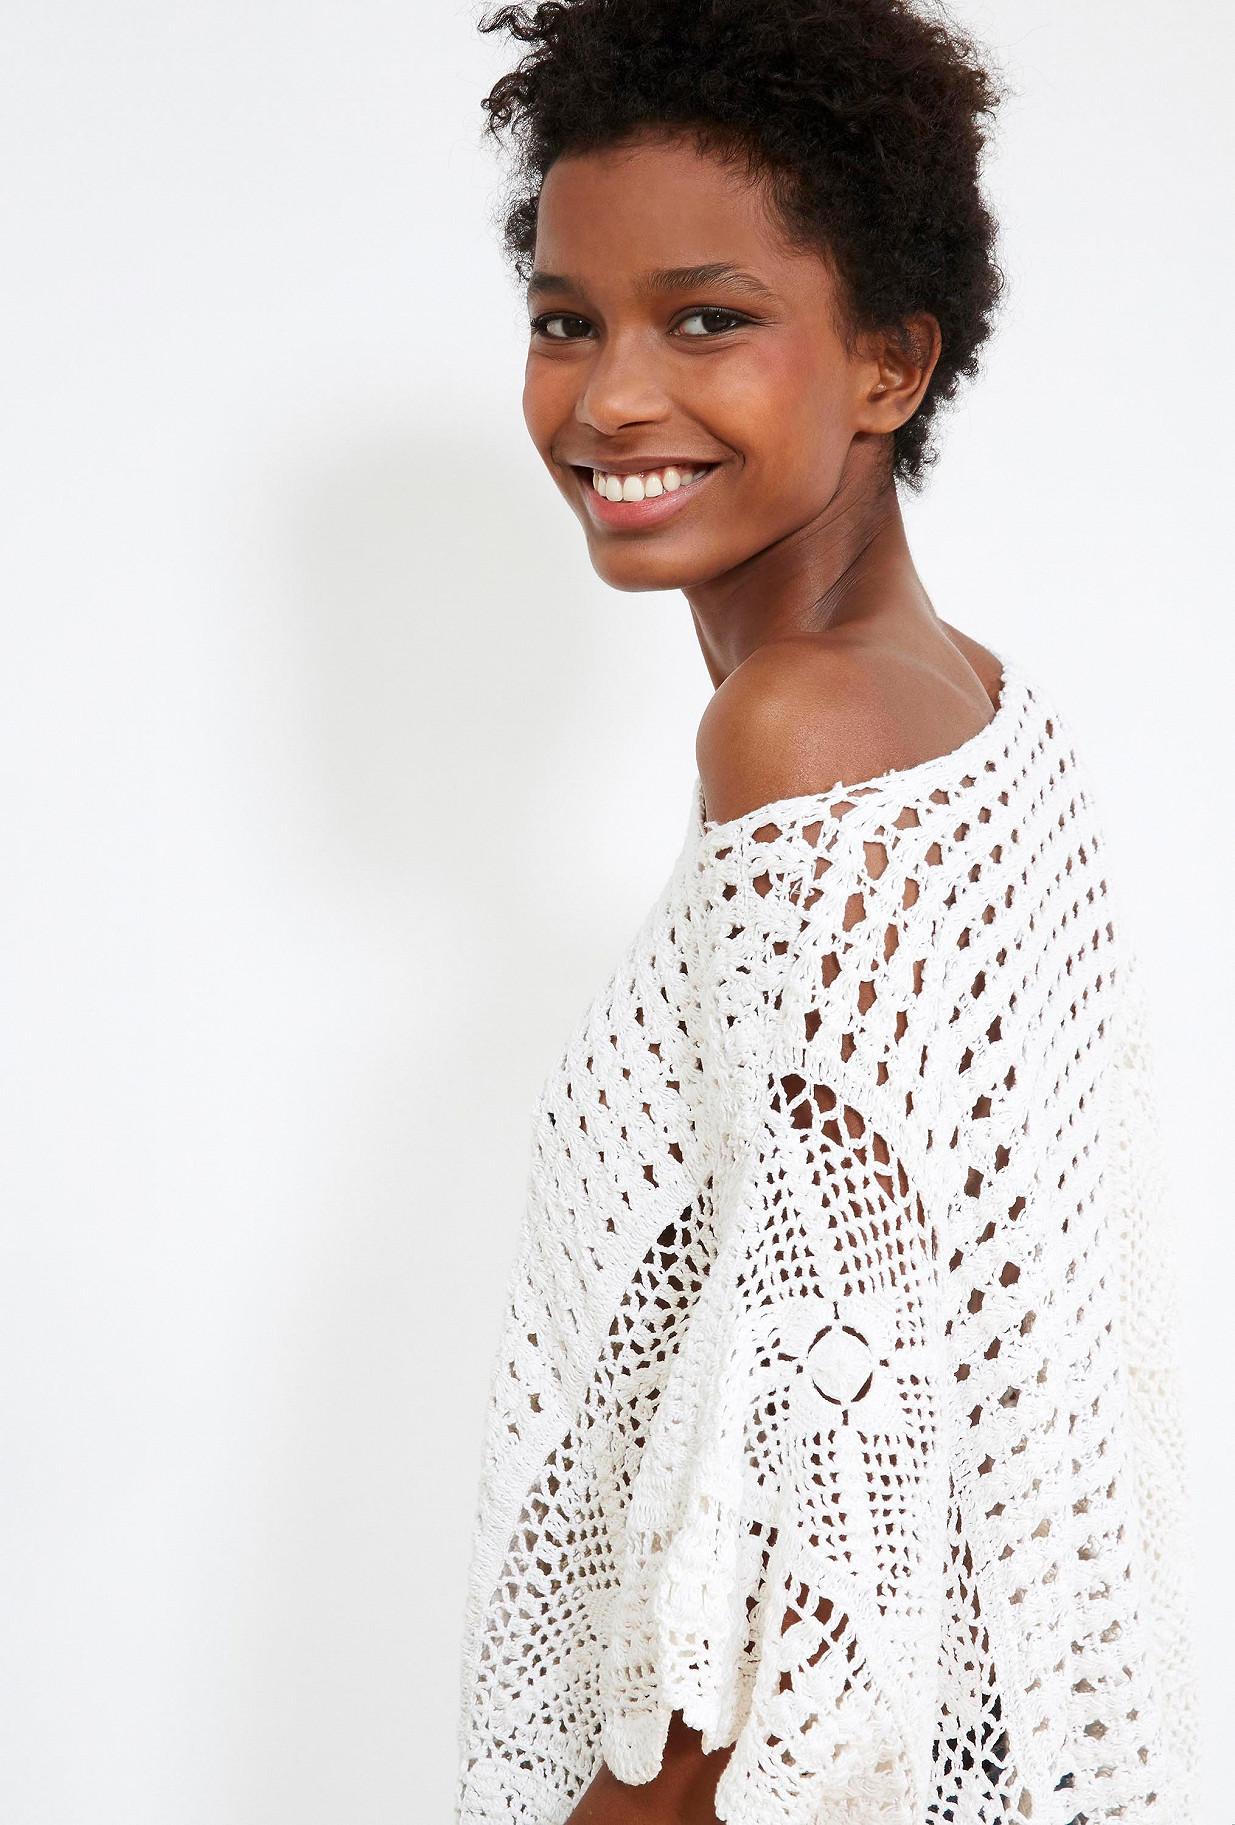 PONCHO Ivoire  Selecte mes demoiselles paris vêtement femme paris